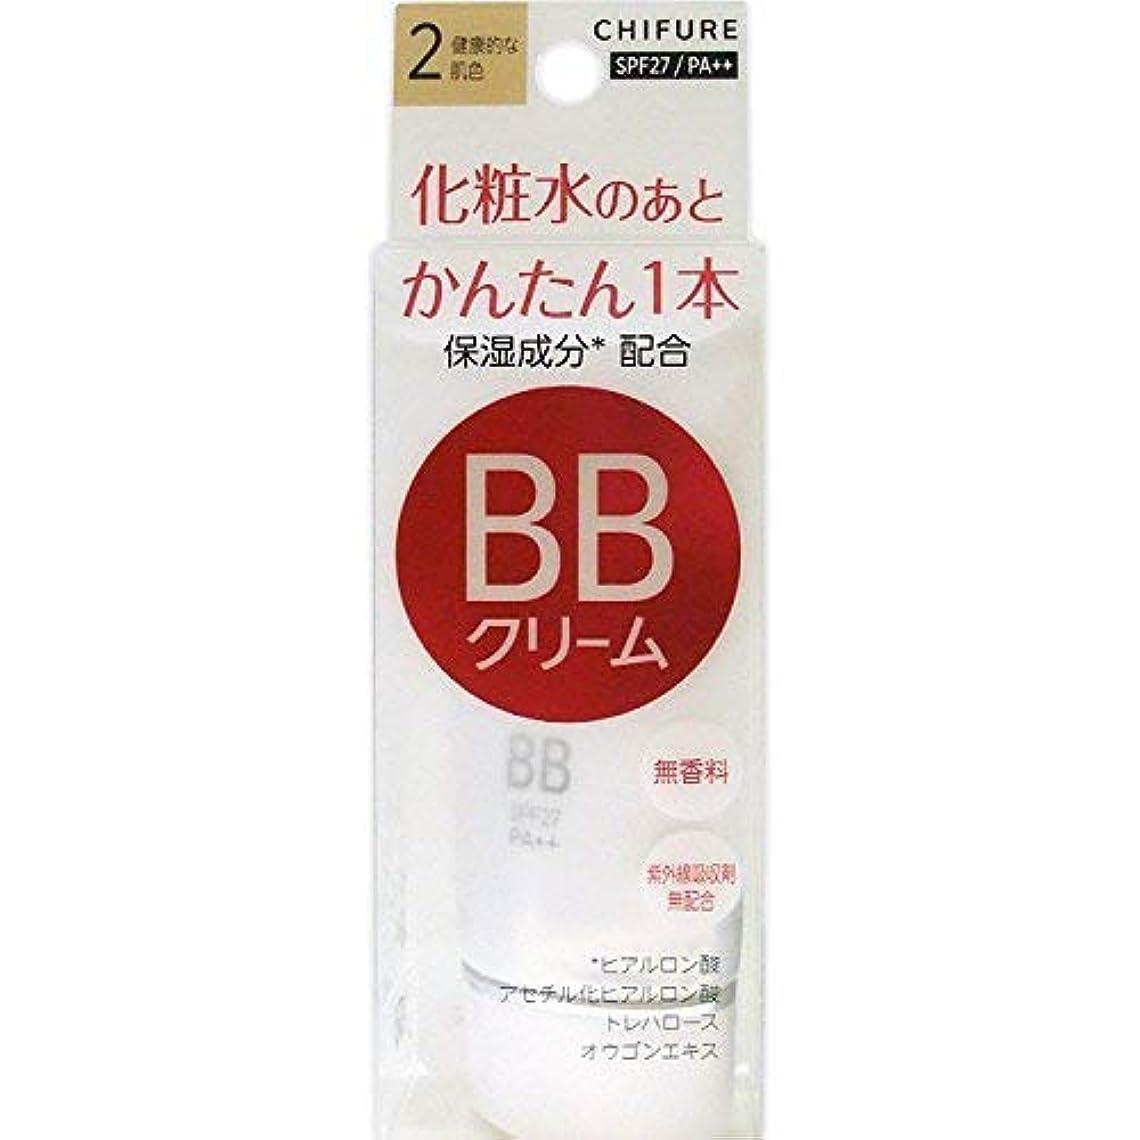 箱テザー毎年ちふれ化粧品 BB クリーム 2 健康的な肌色 BBクリーム 2